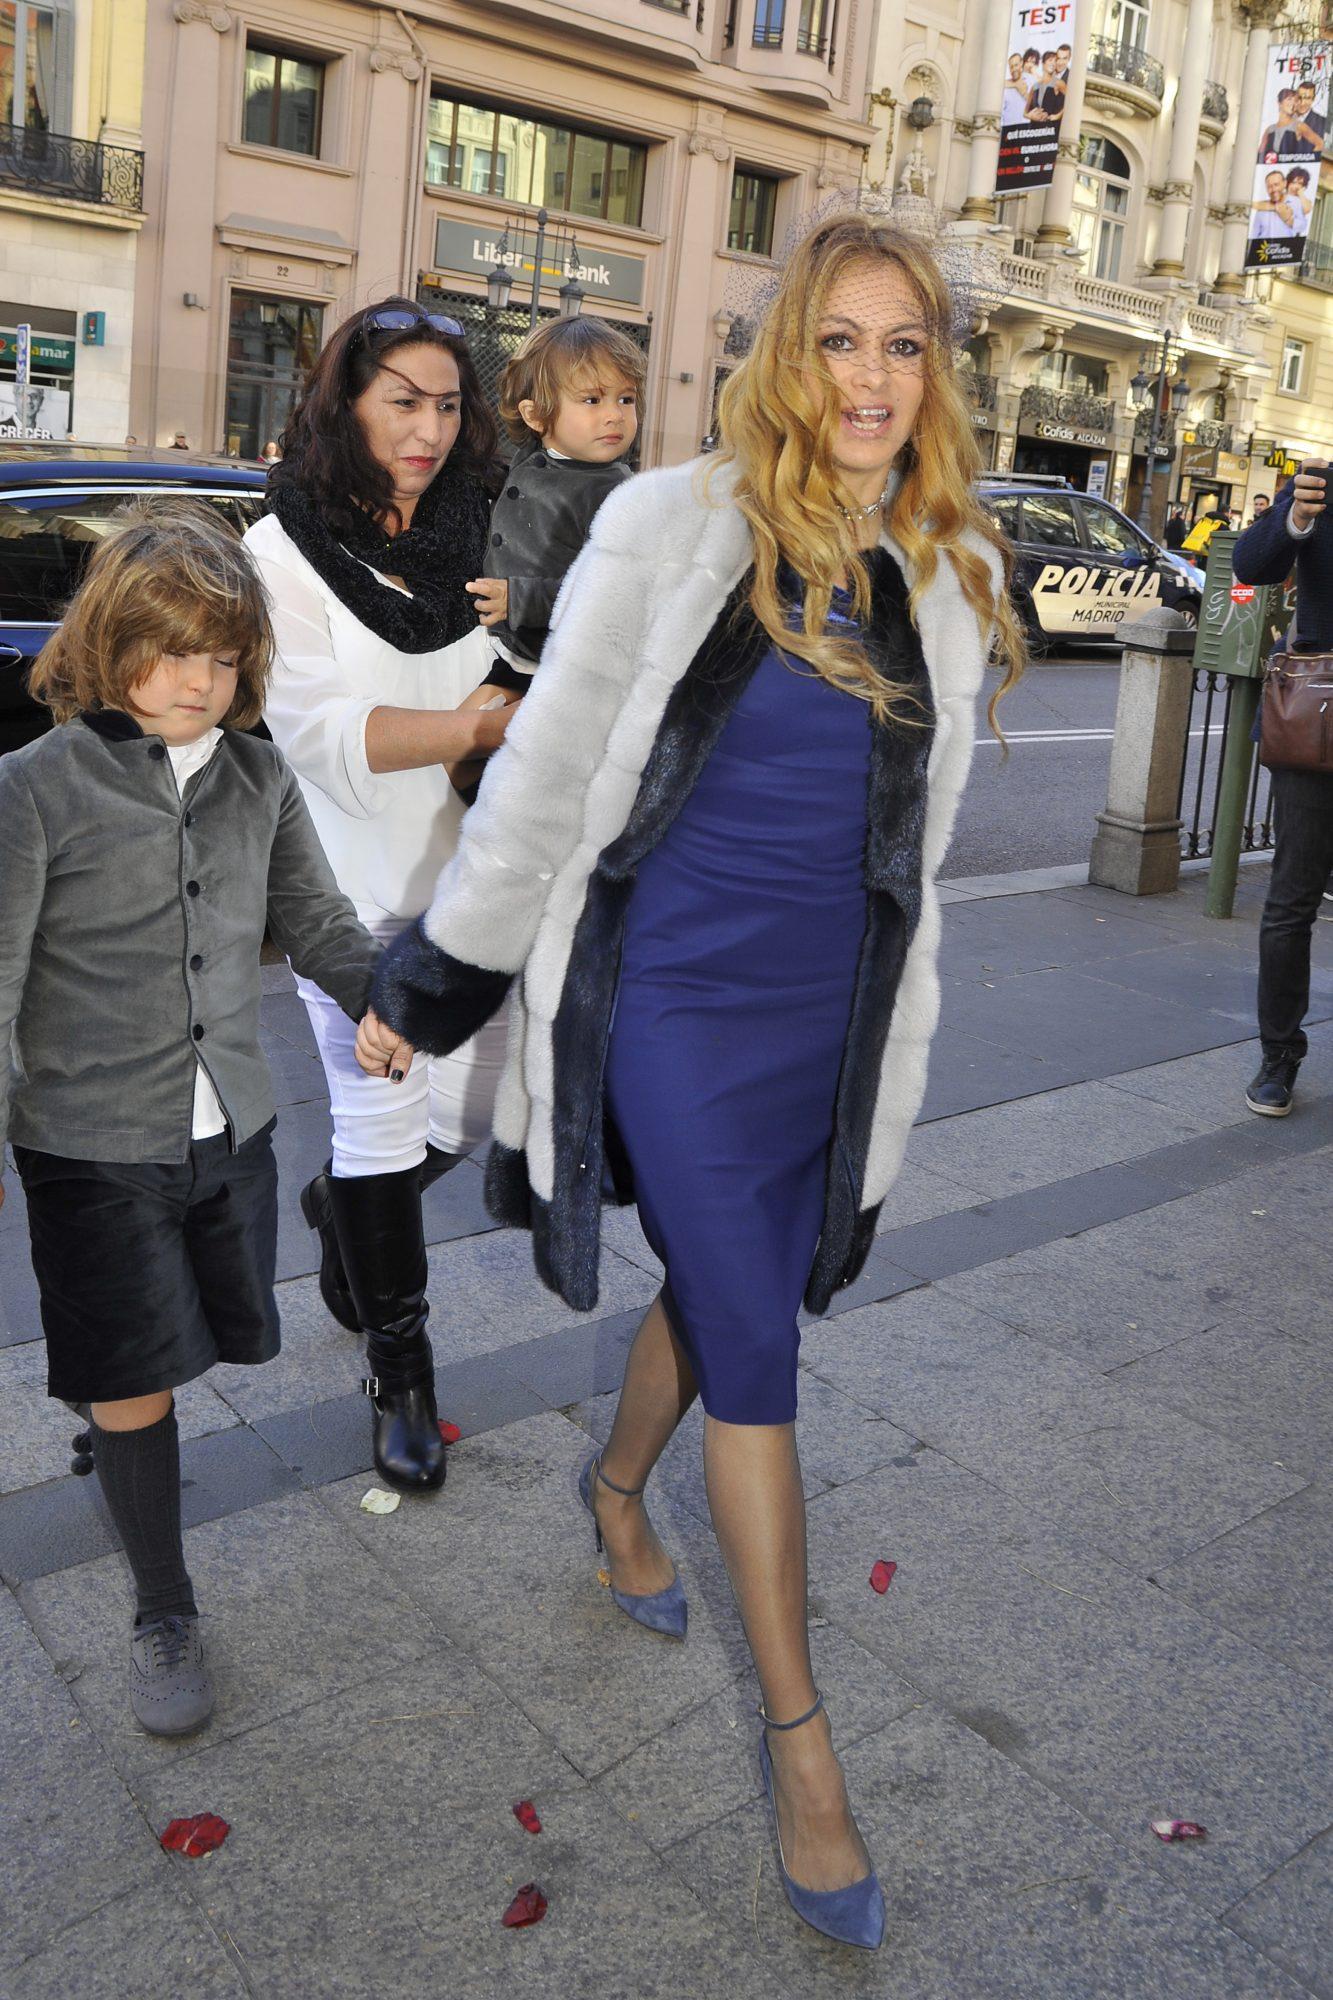 Paulina Rubio y sus hijosAndrea Nicolás Vallejo-Nájera (izq.) y Eros Bazúa Rubio (al fondo)